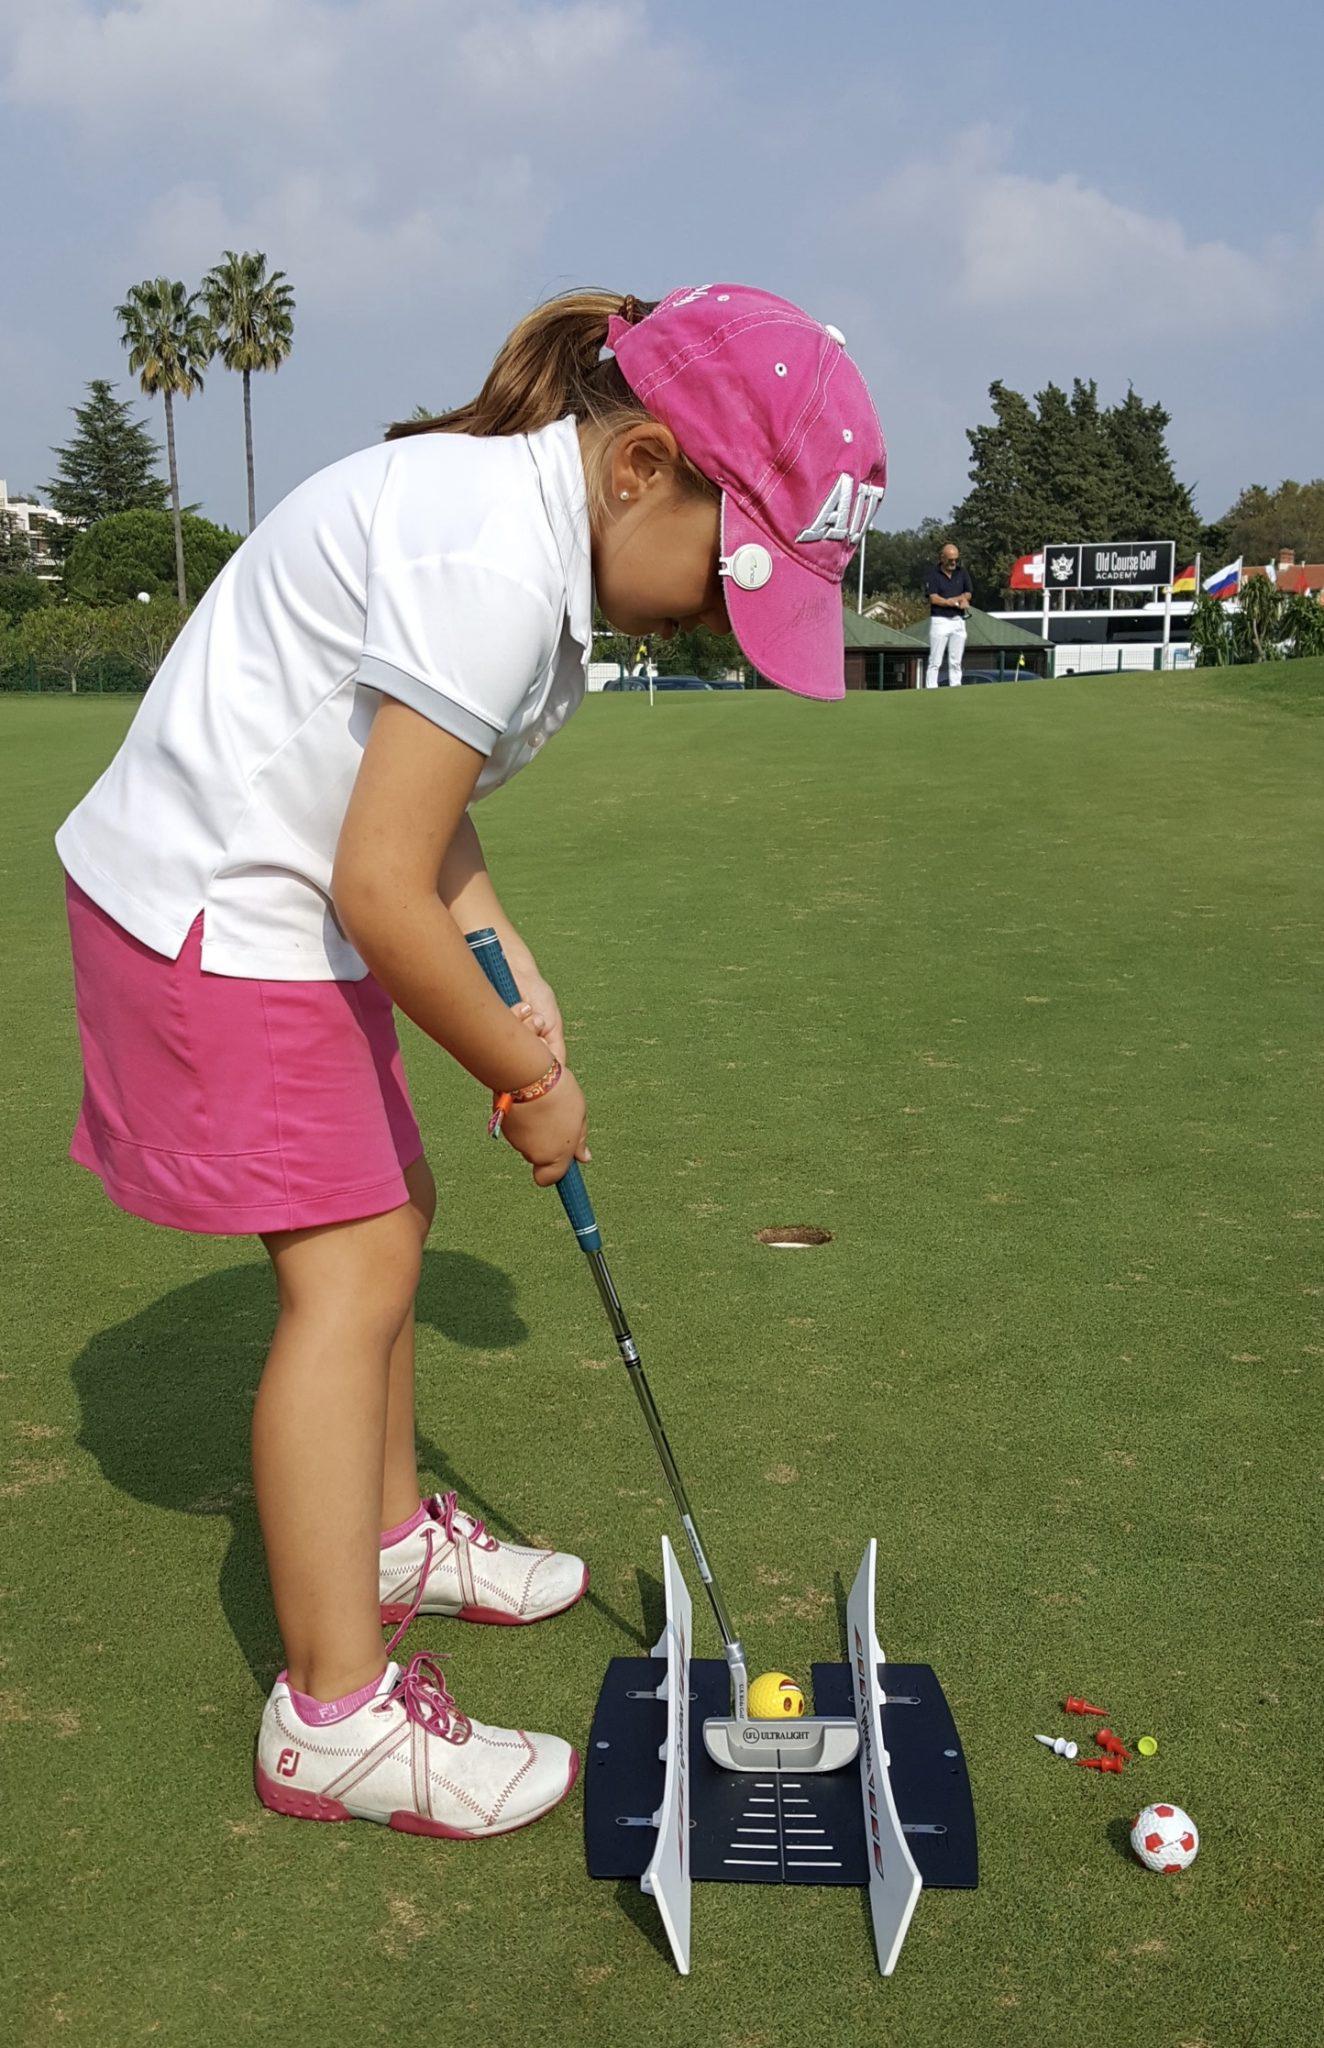 Un entraînement Golf pour les juniors